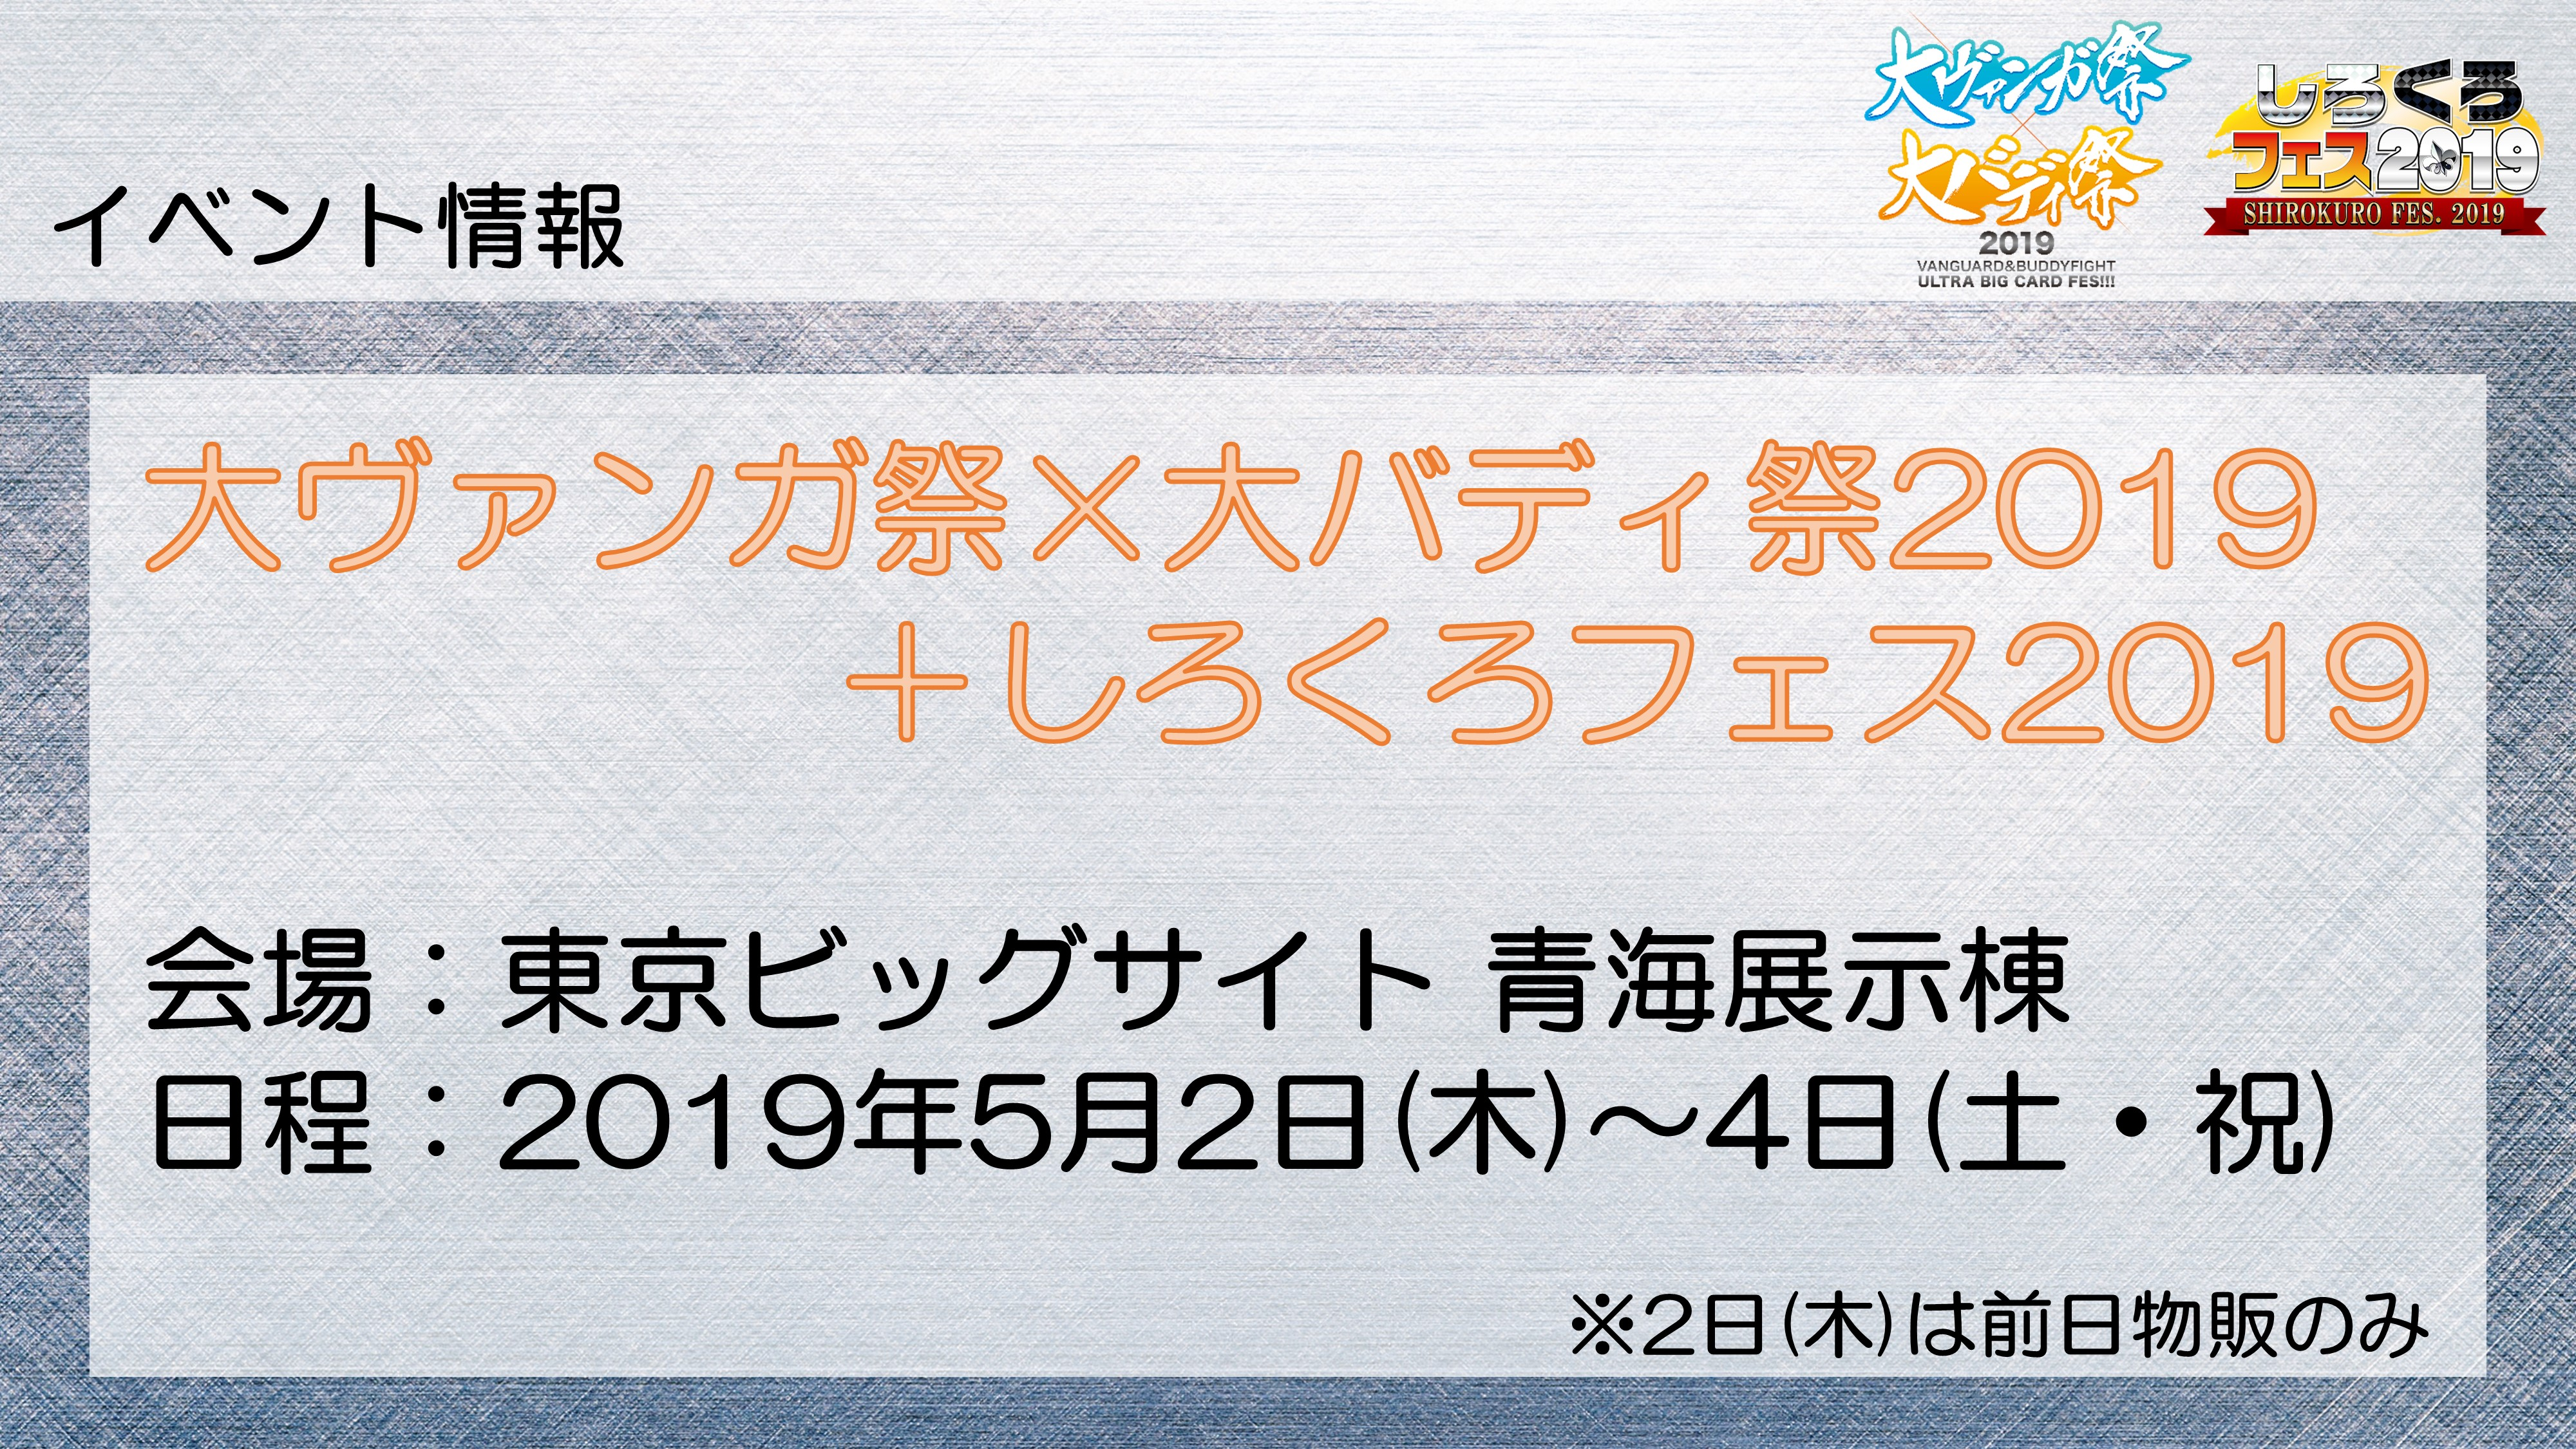 vgbf_shirokuro_2019.jpg